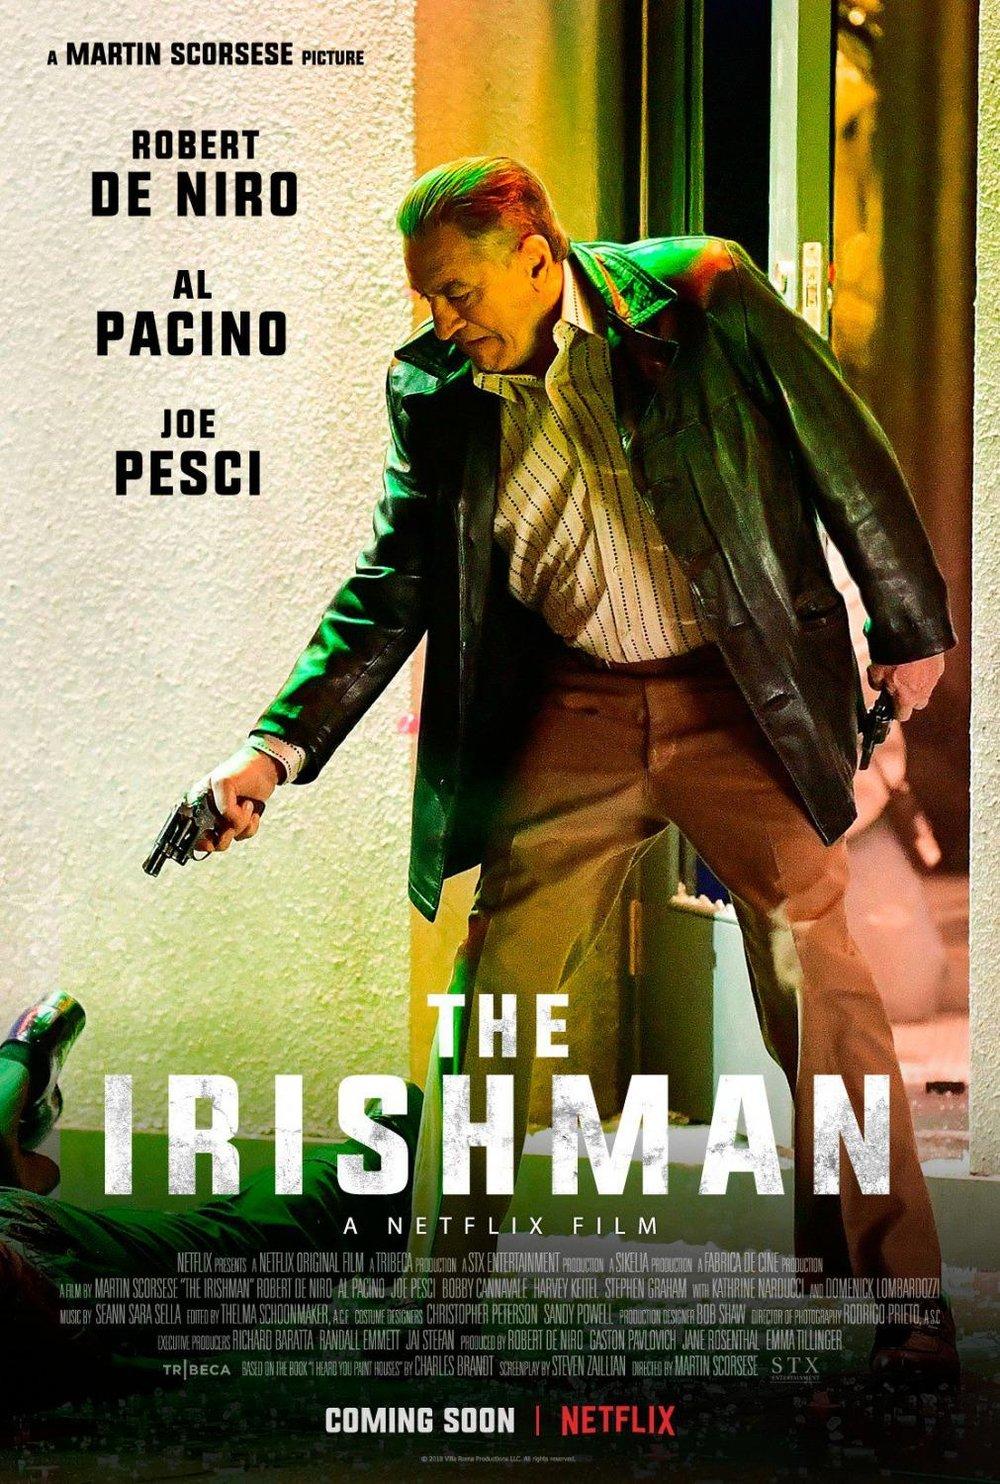 Irishman.jpg